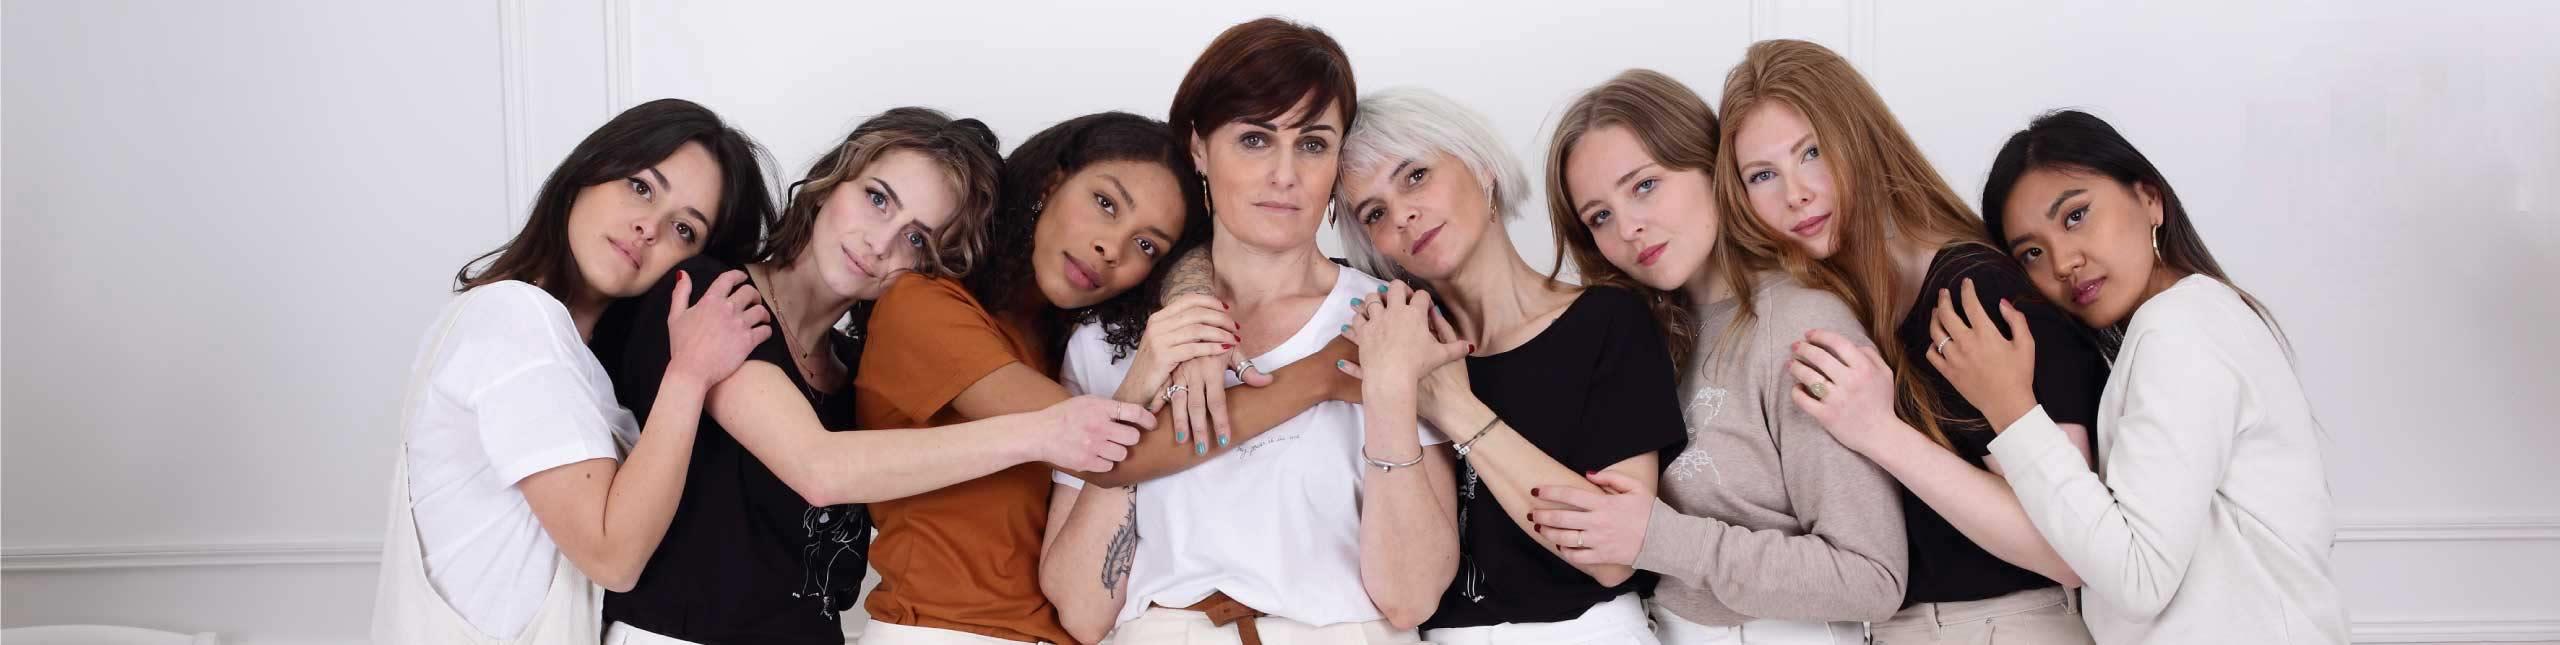 groupe de femmes debout portant des tee-shirt Leonor Roversi